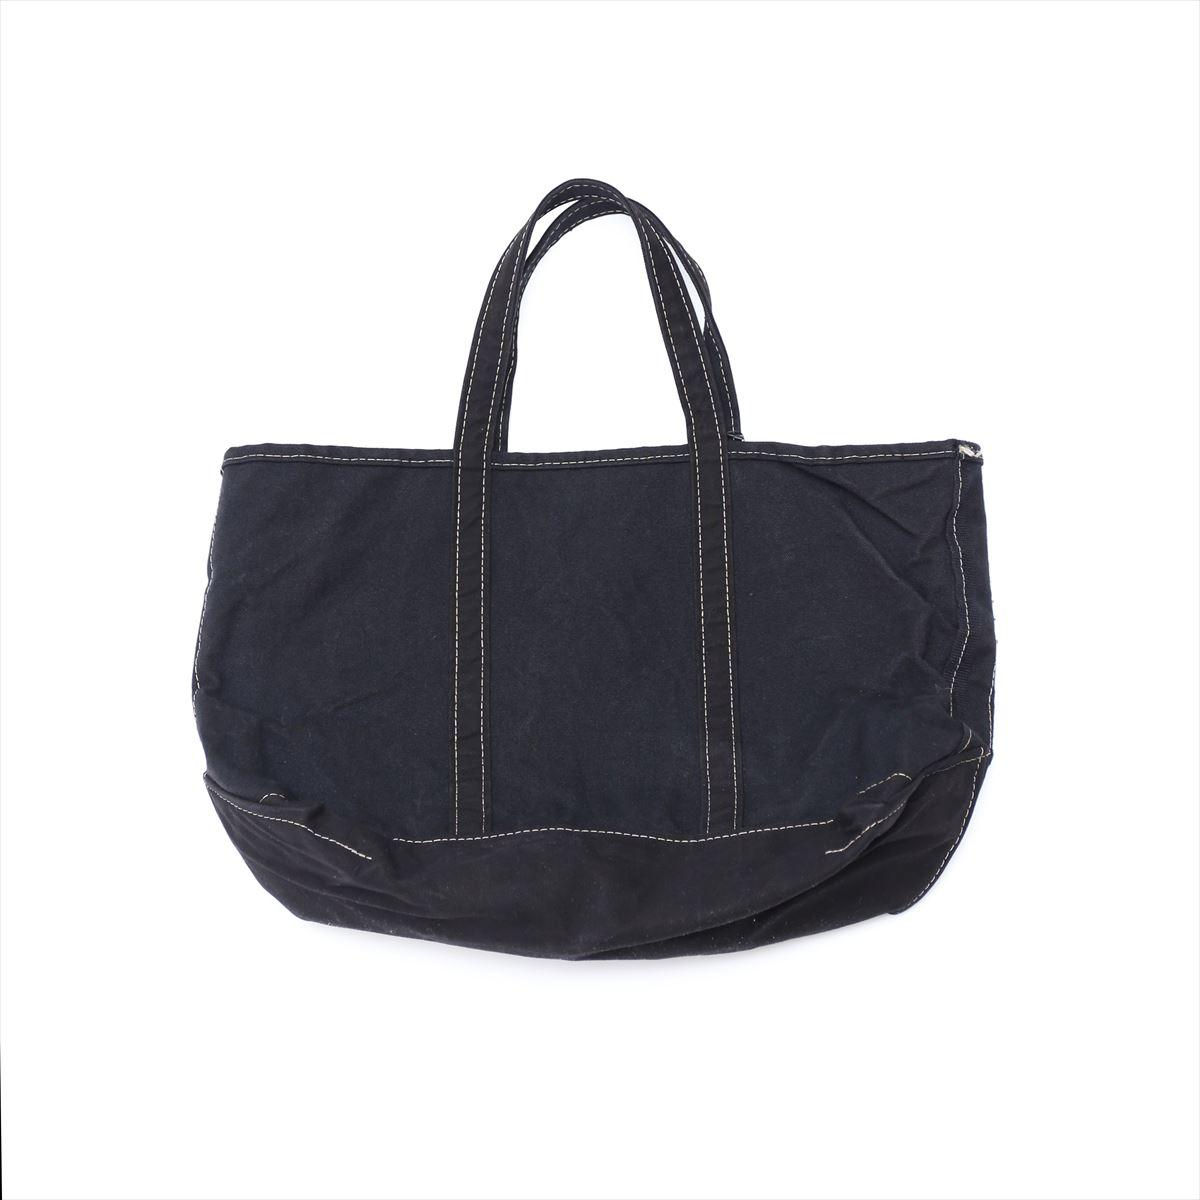 黒染めサンプル商品_トートバッグ